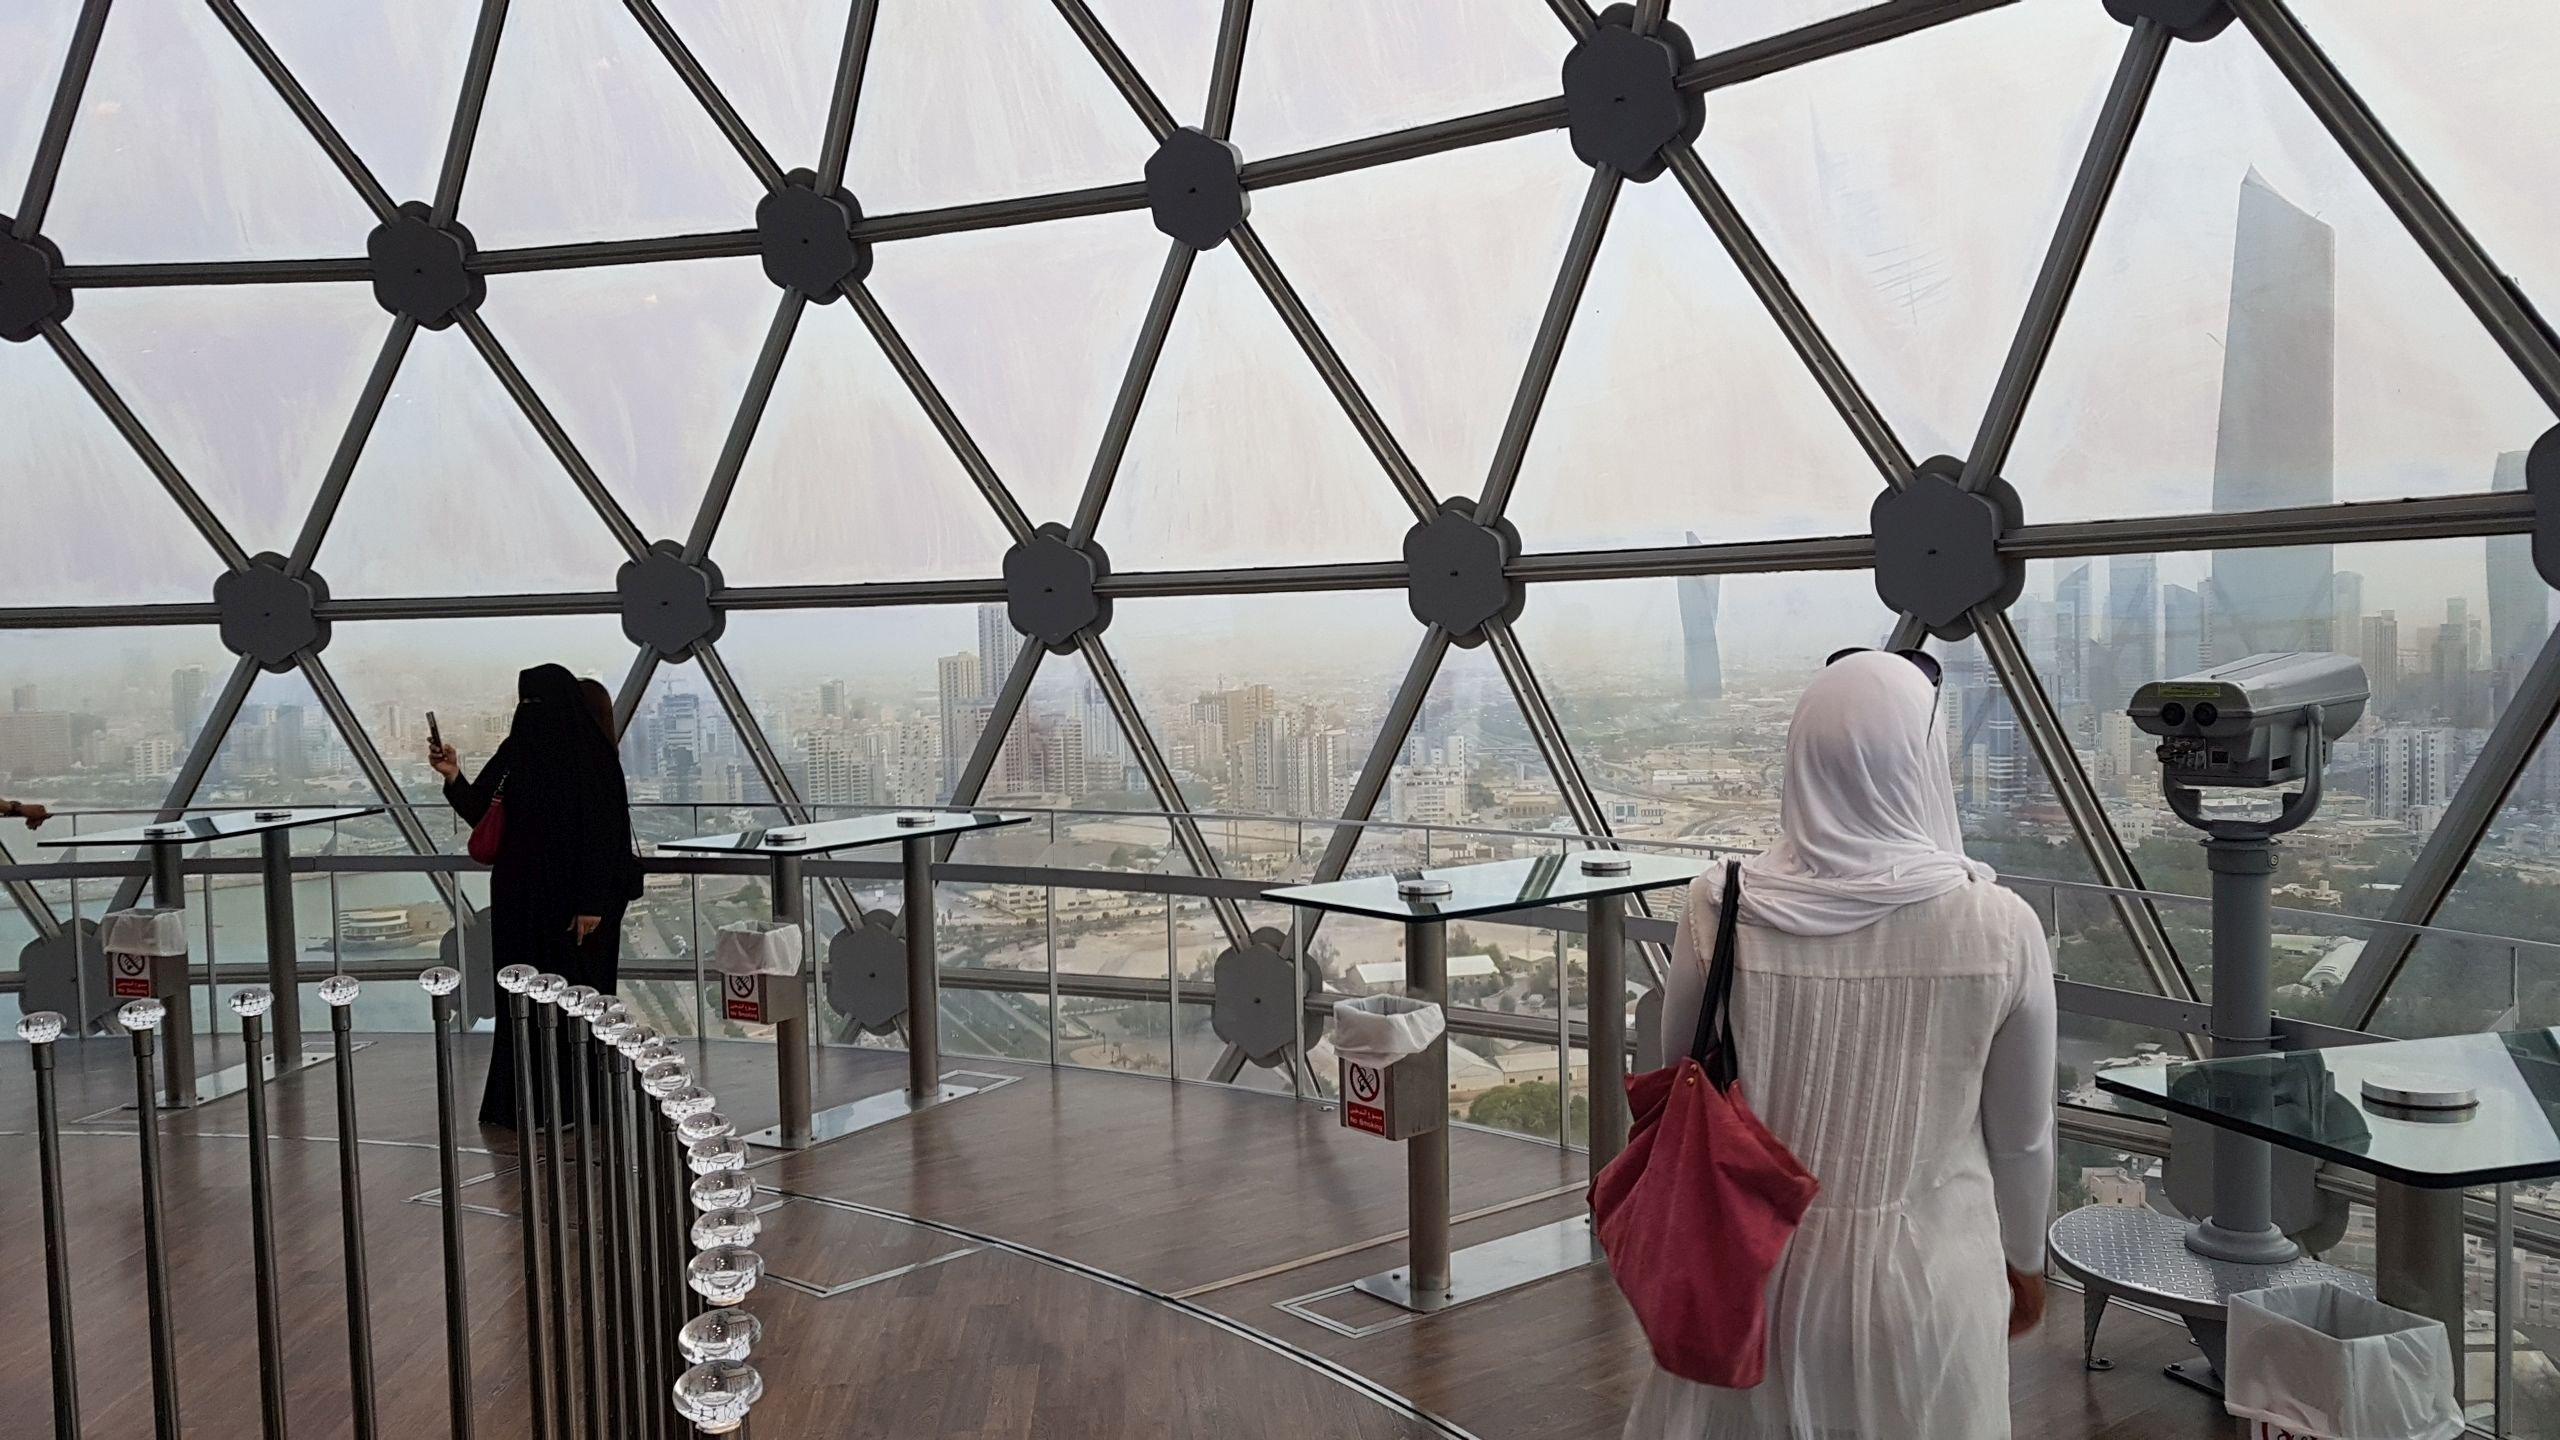 Sana steht mit dem Rücken zur Kamera unter der riesigen Glaskuppel einer Aussichtsplattform. Von dort oben kann man große Teile Kuwaits sehen.